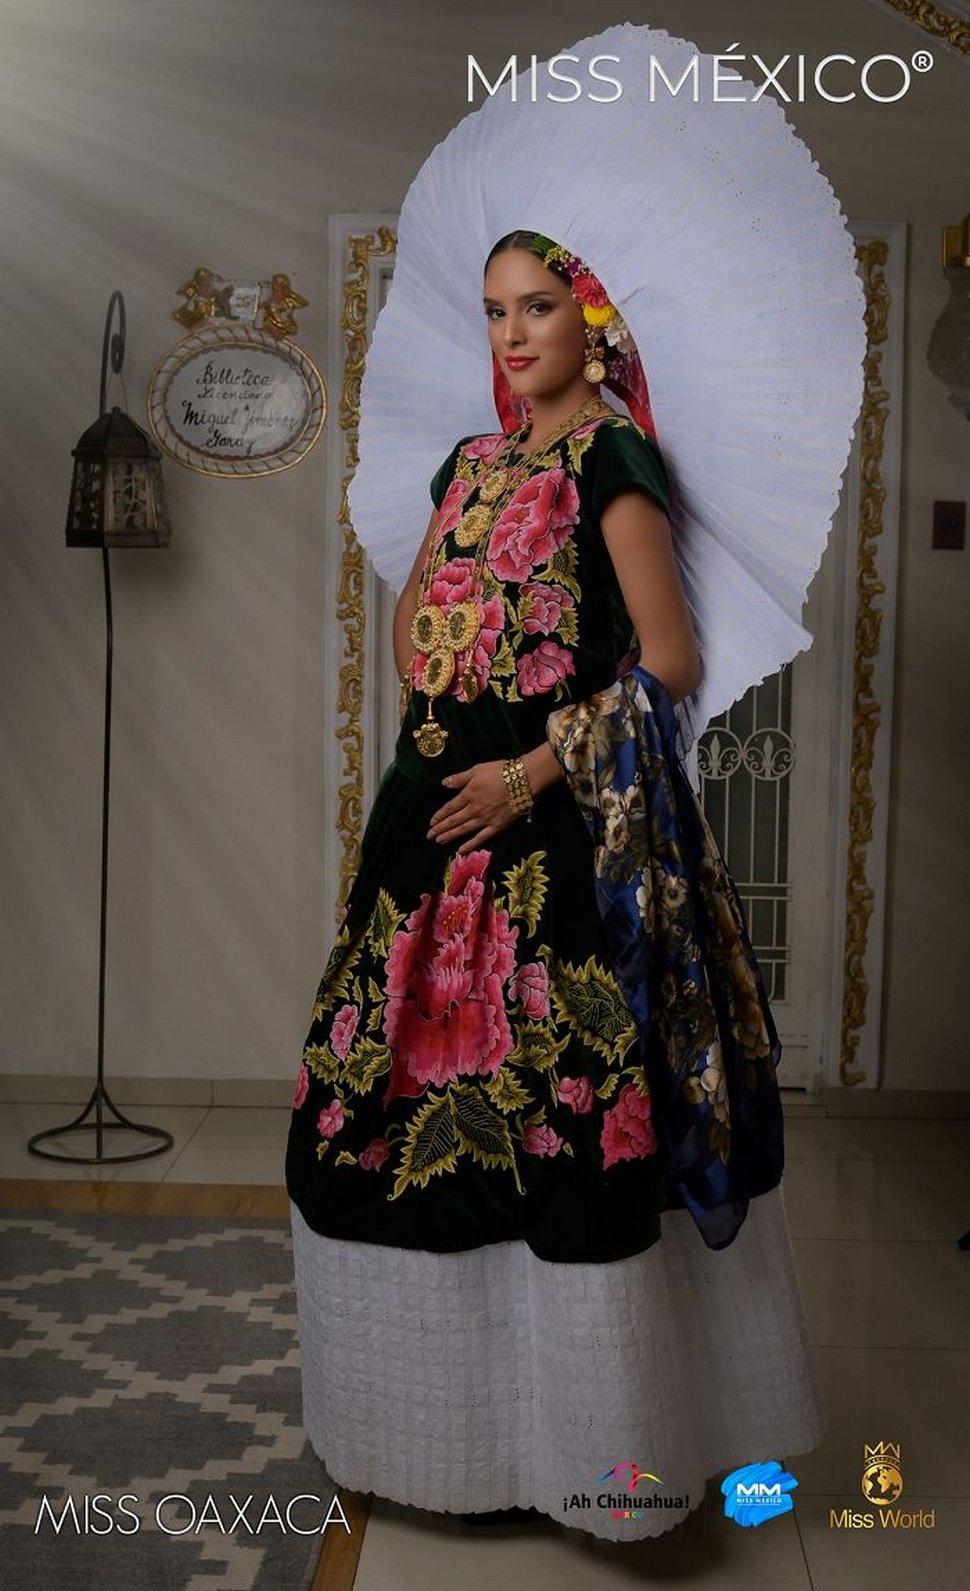 Les concurrentes de Miss Mexico 2020 s'affrontent vêtues de tenues traditionnelles et elles sont renversantes